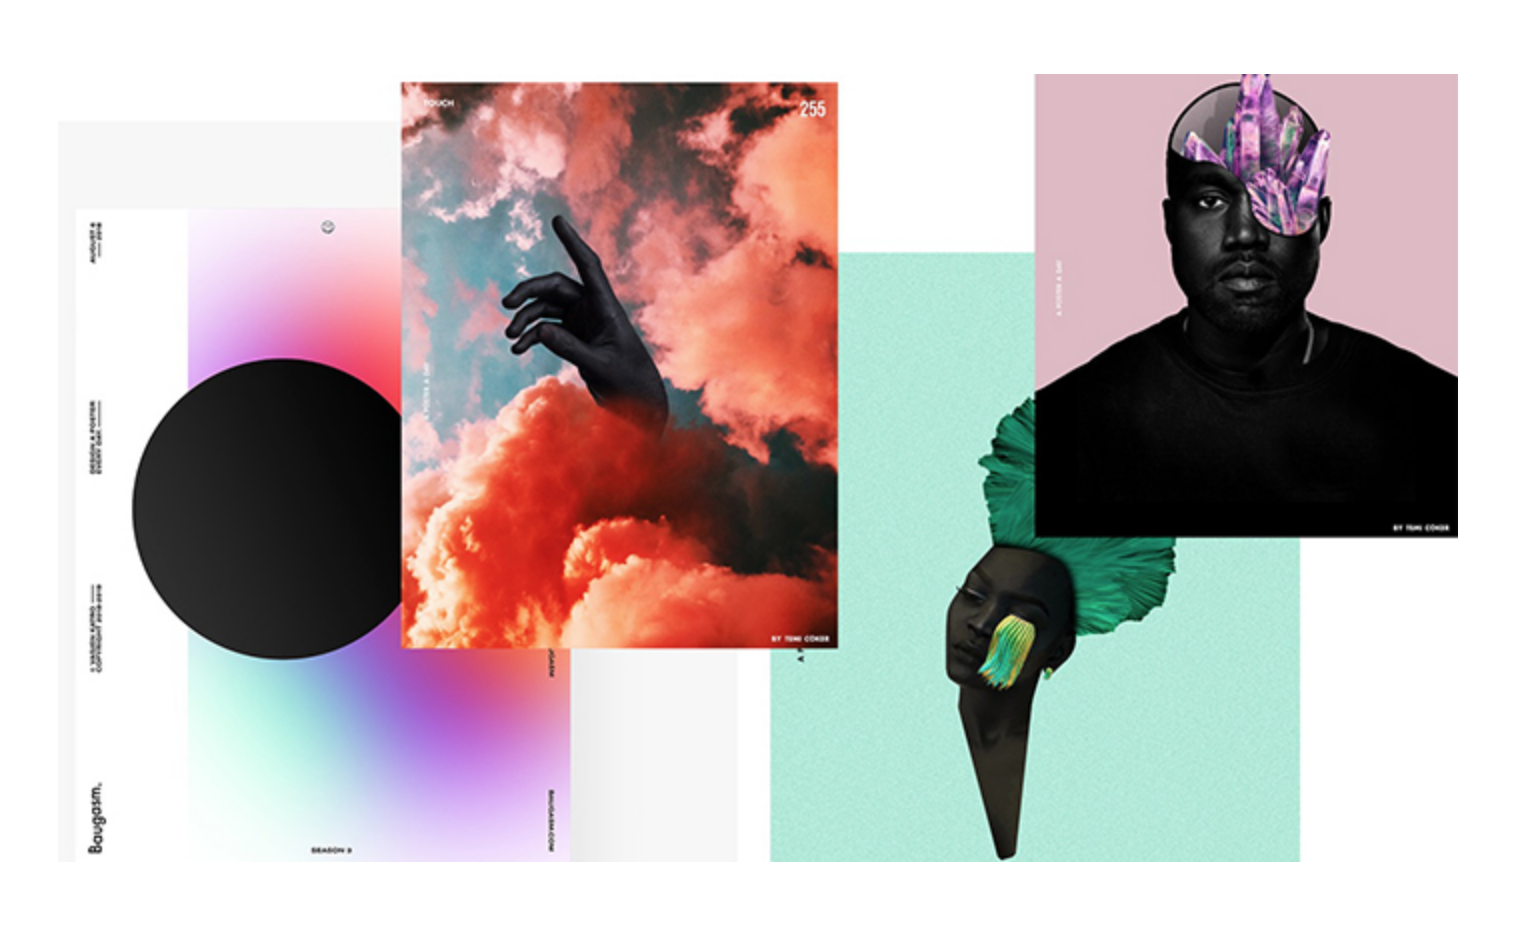 أفضل خمسة اتجاهات في التصميم لعام 2019 من أدوبي (Adobe)